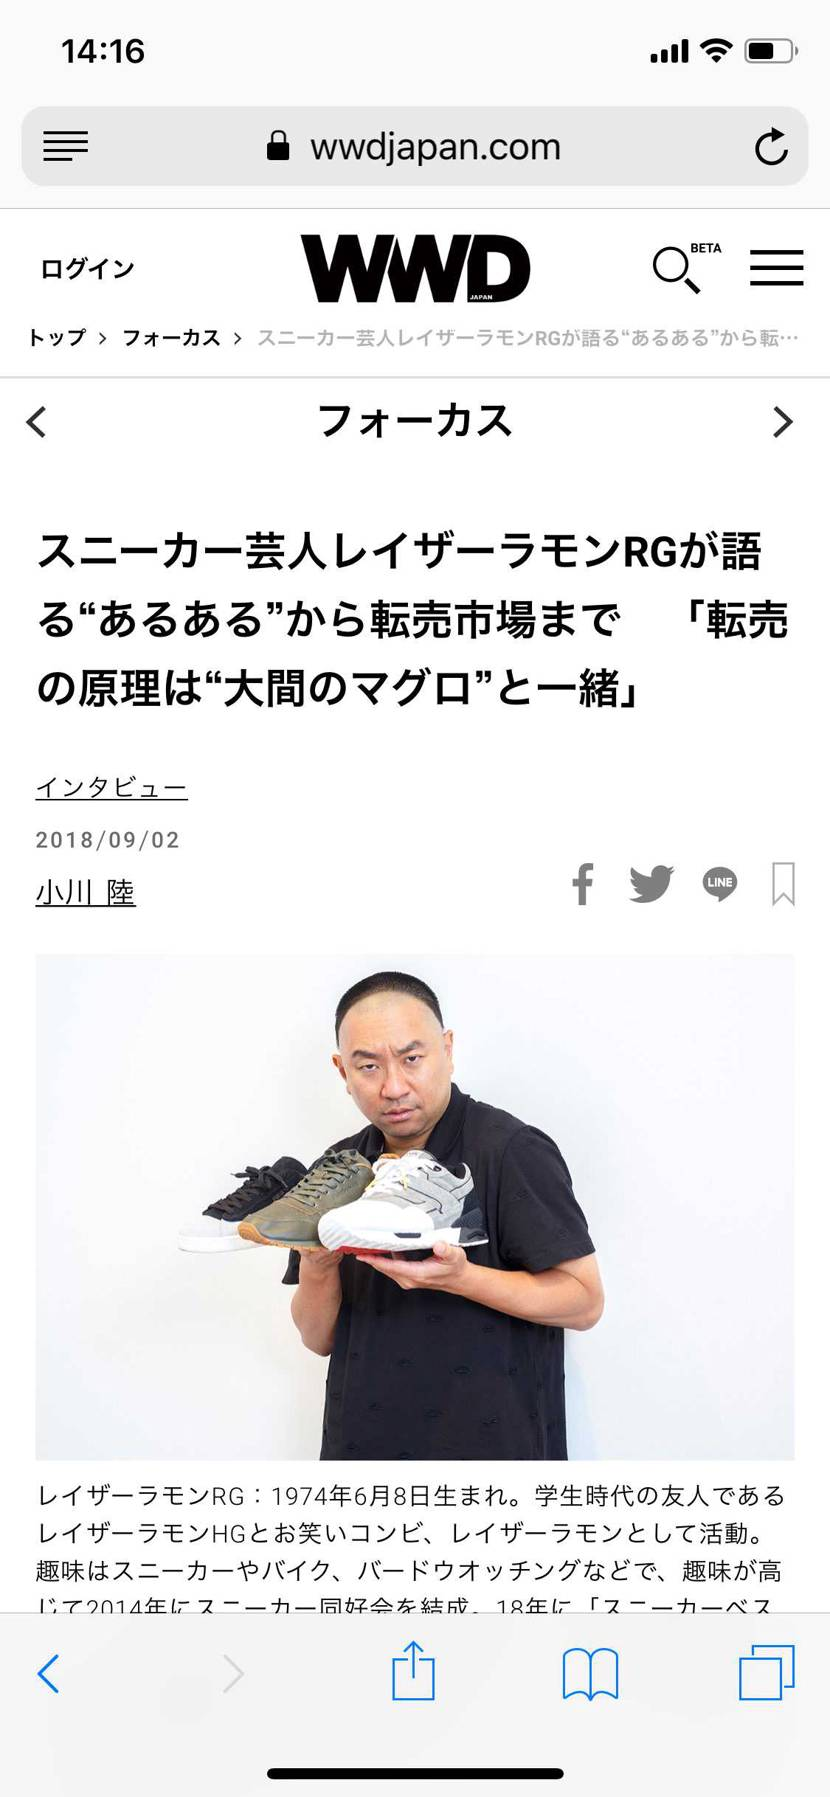 毎回この記事を読むと、 心が穏やかになり、 私も江戸時代に行こうと反省します